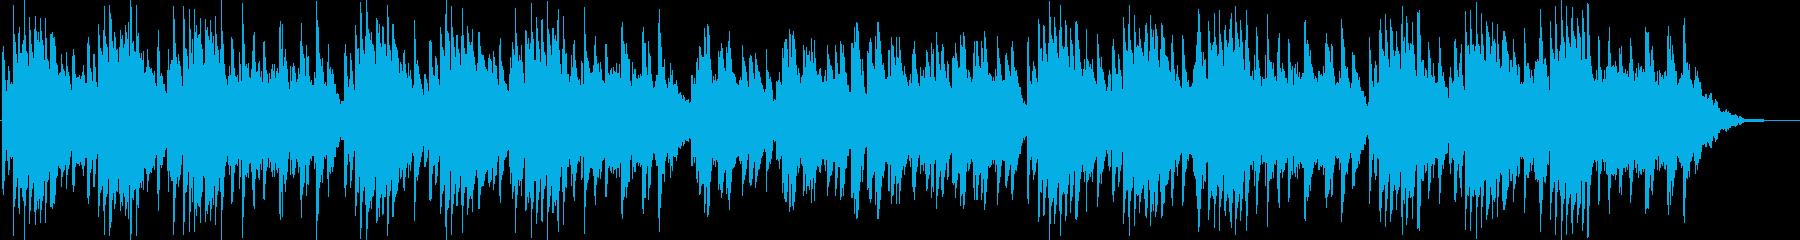 切ない雰囲気のピアノソロBGMの再生済みの波形